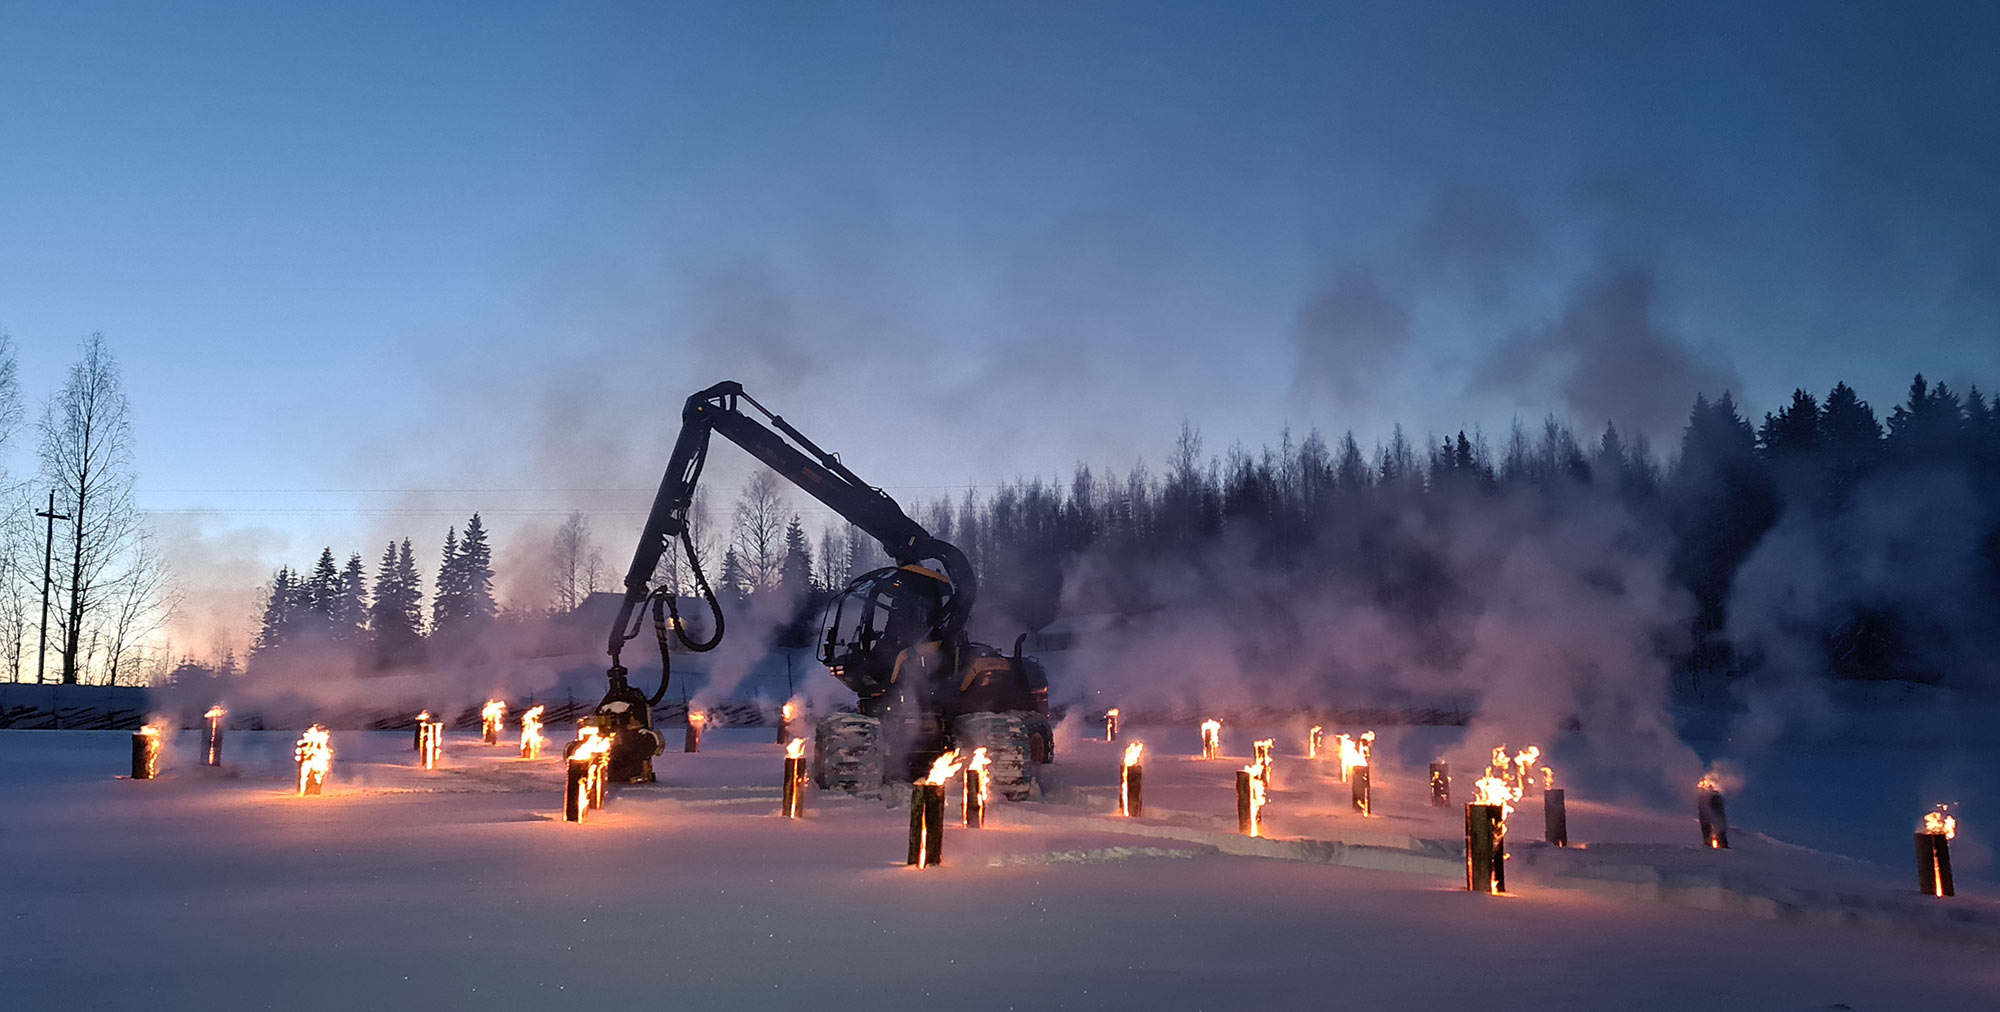 Ponsse Scorpion -metsäkone jätkänkynttilöiden keskellä iltahämärässä.